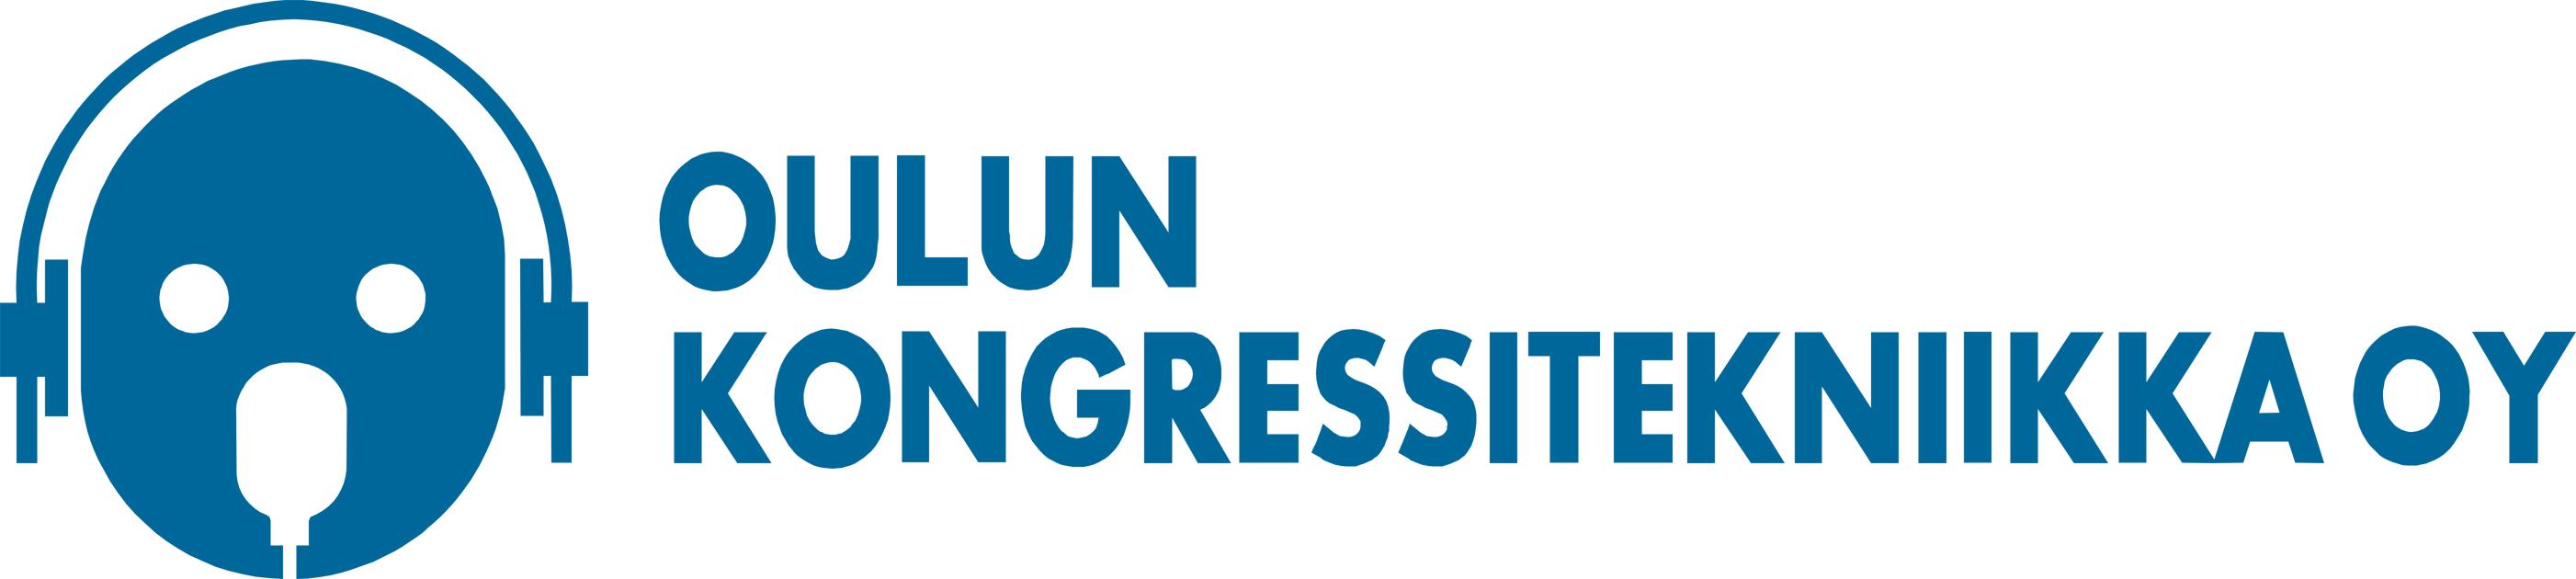 Oulun kongressitekniikka Oy